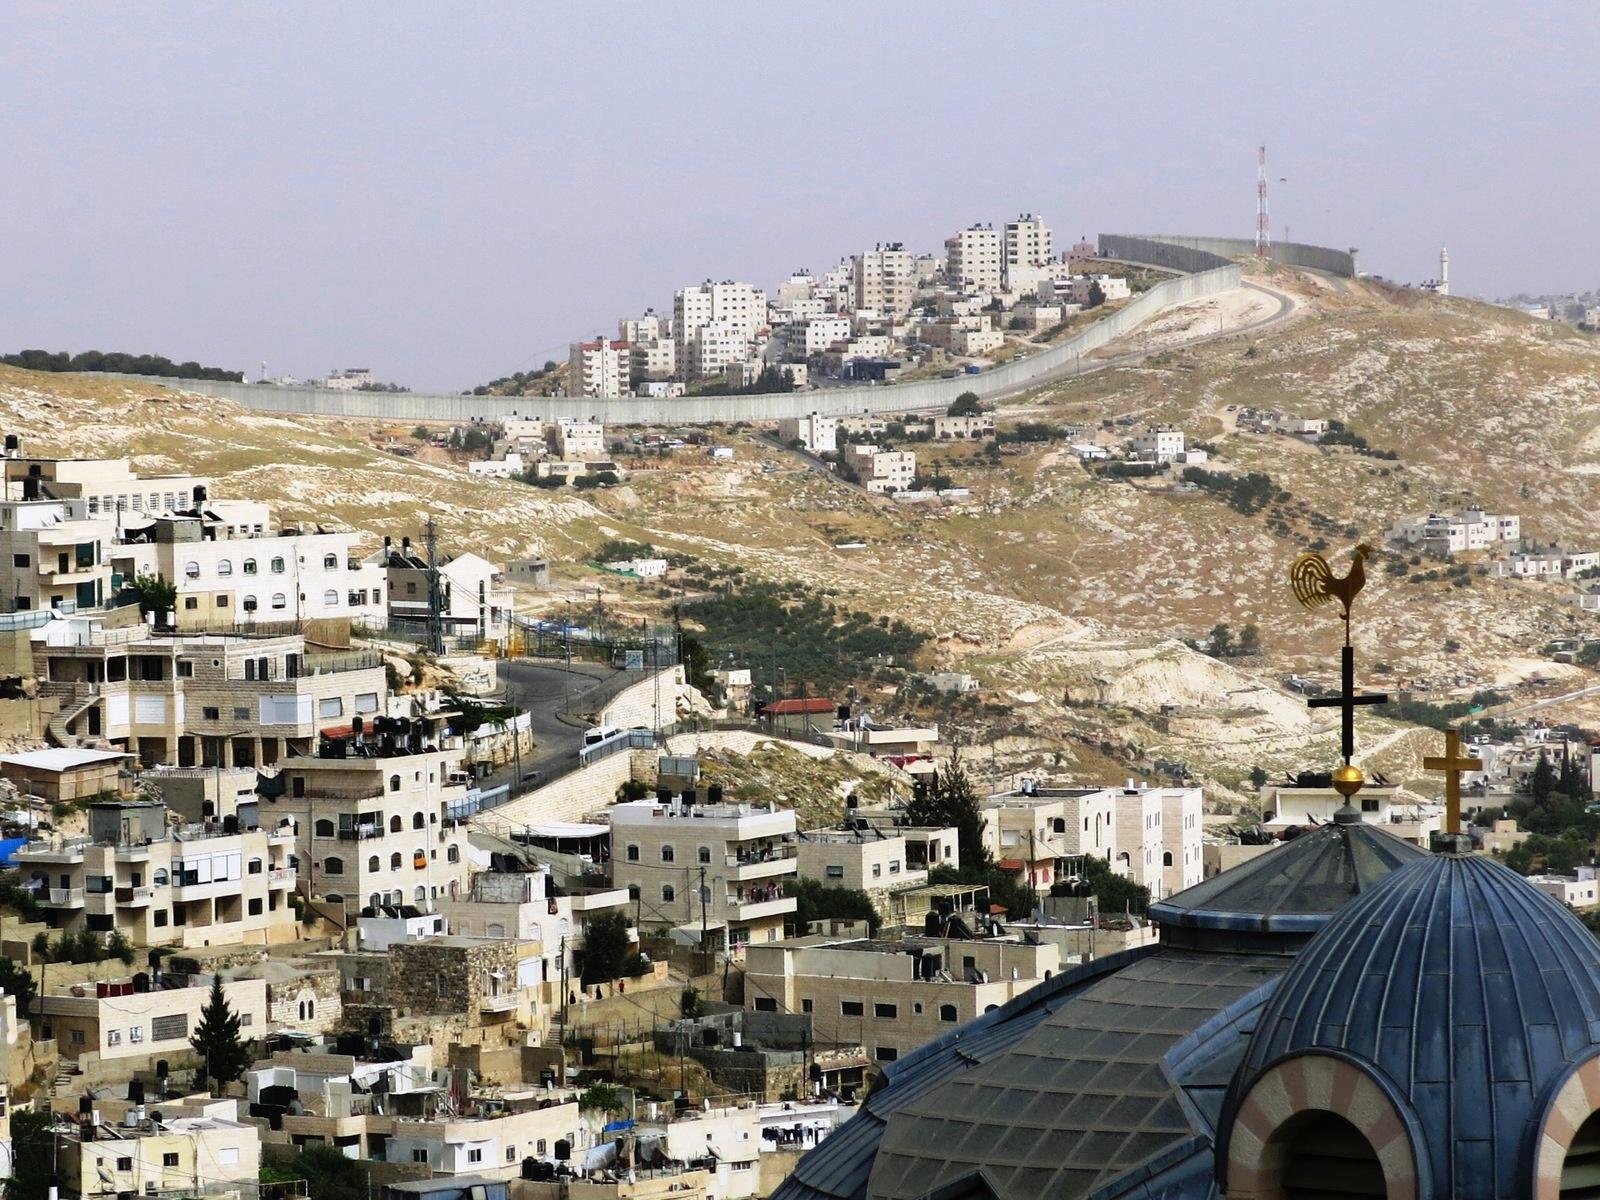 terre sainte en israel Focus Clocher au coq de Saint Pierre en Galicante et au loin le mur de séparation